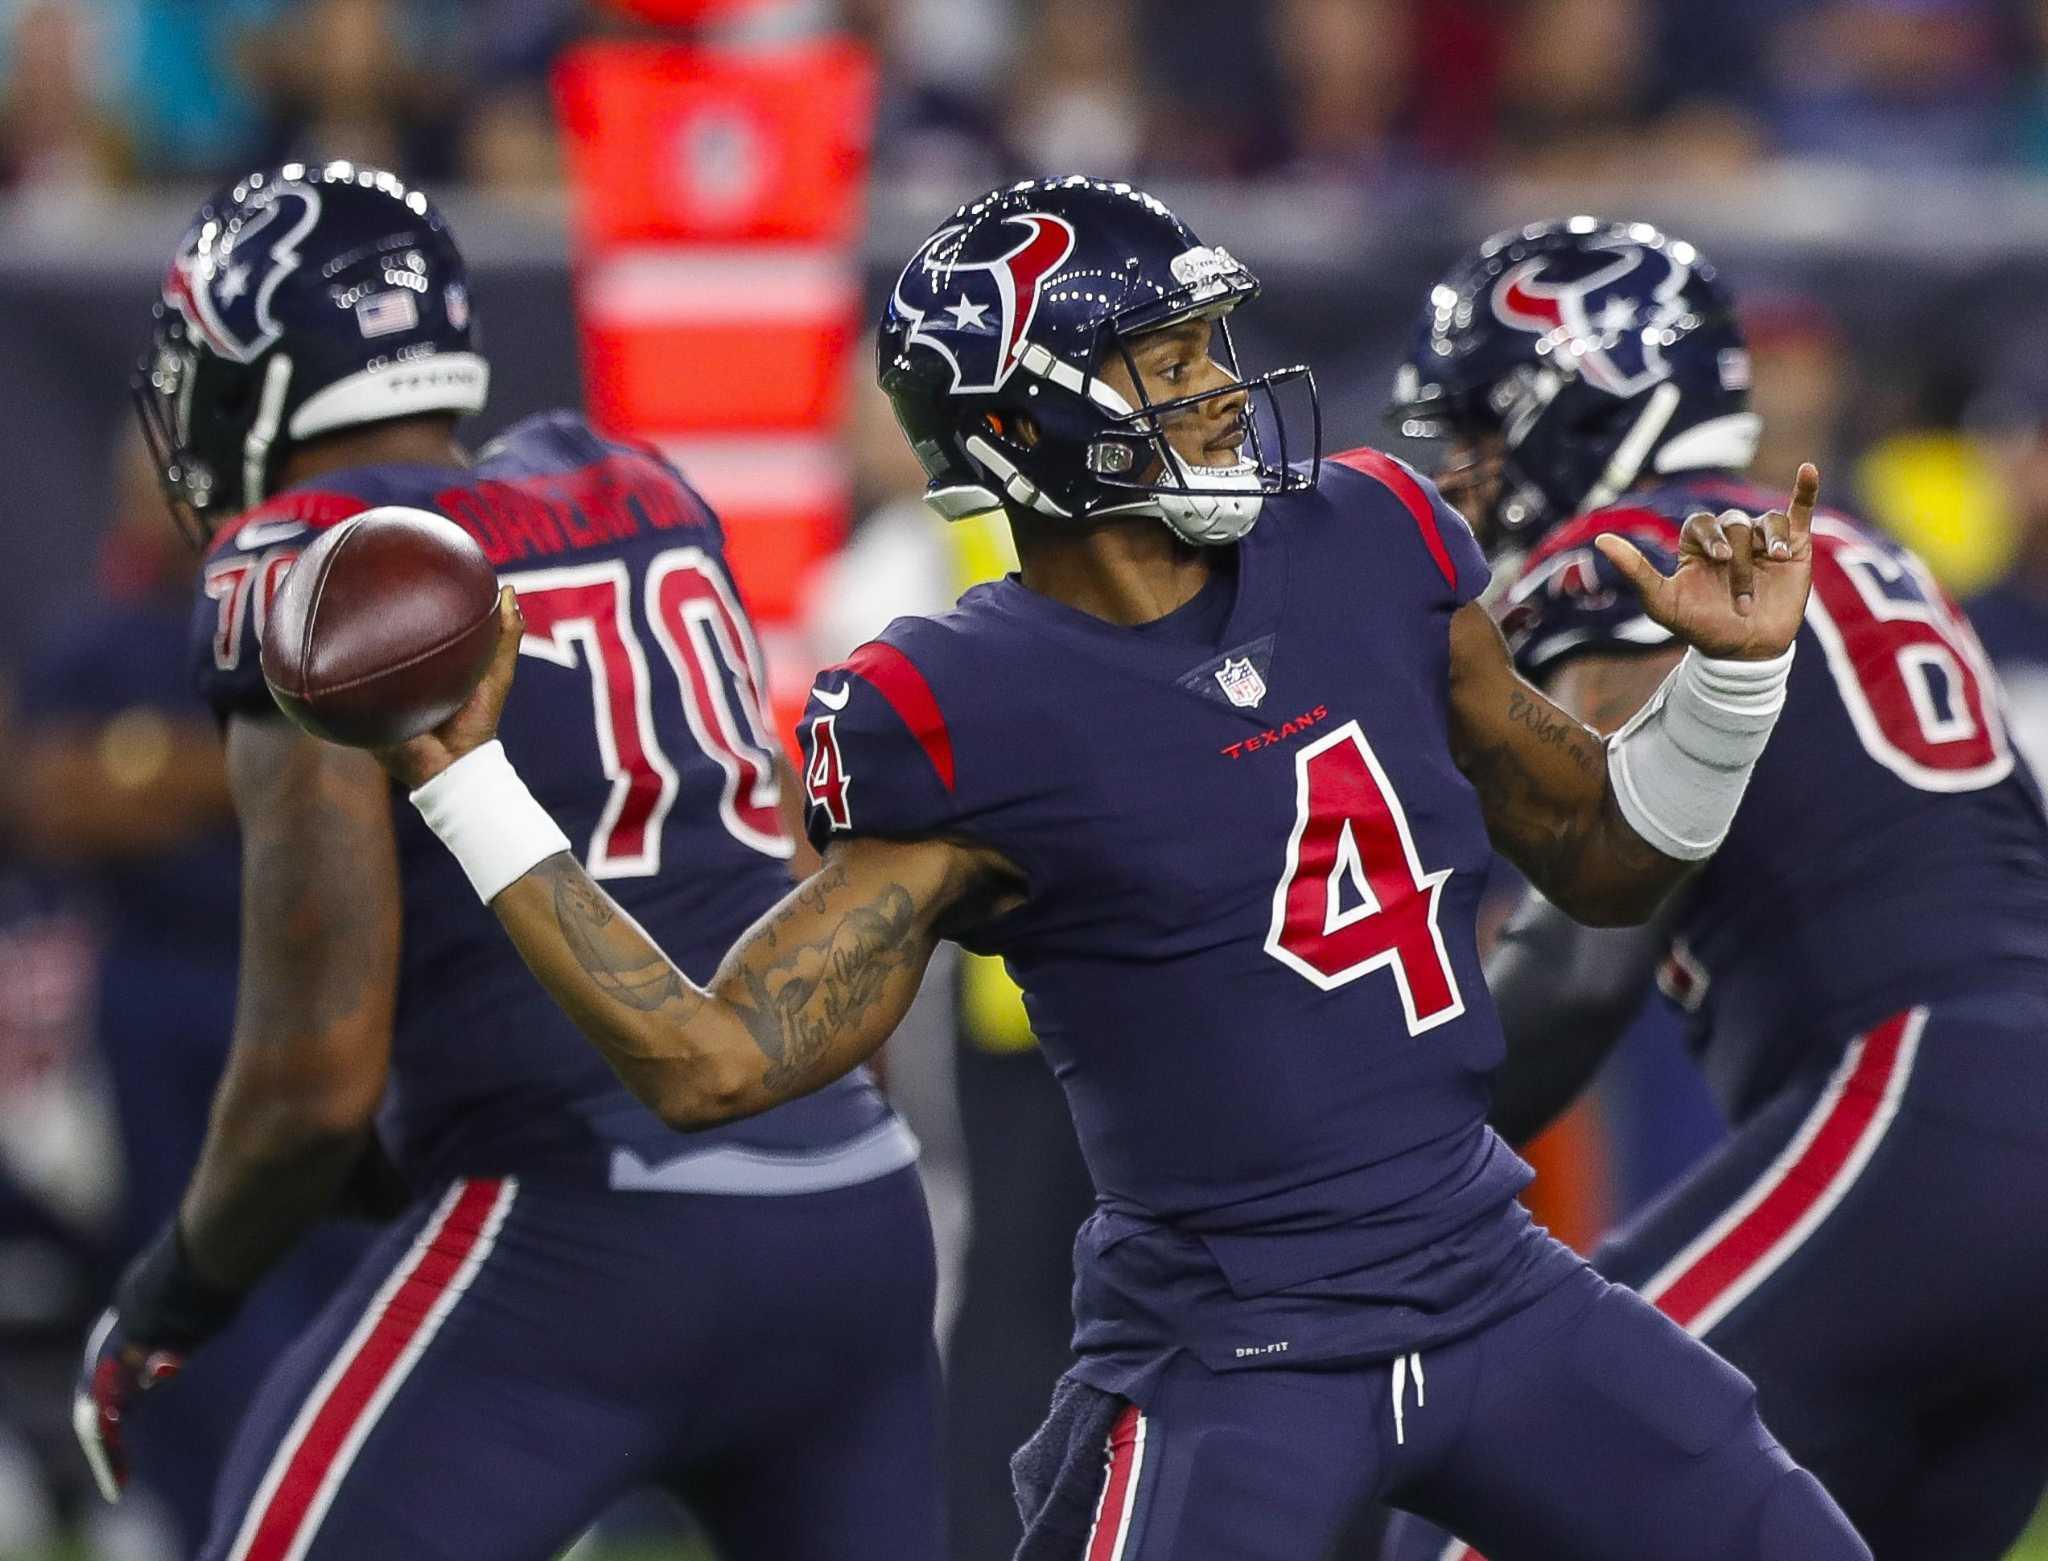 Carson Wentz Throw >> Flipboard: San Francisco Bay Area: Texans QB Deshaun Watson enjoying more time to throw lately